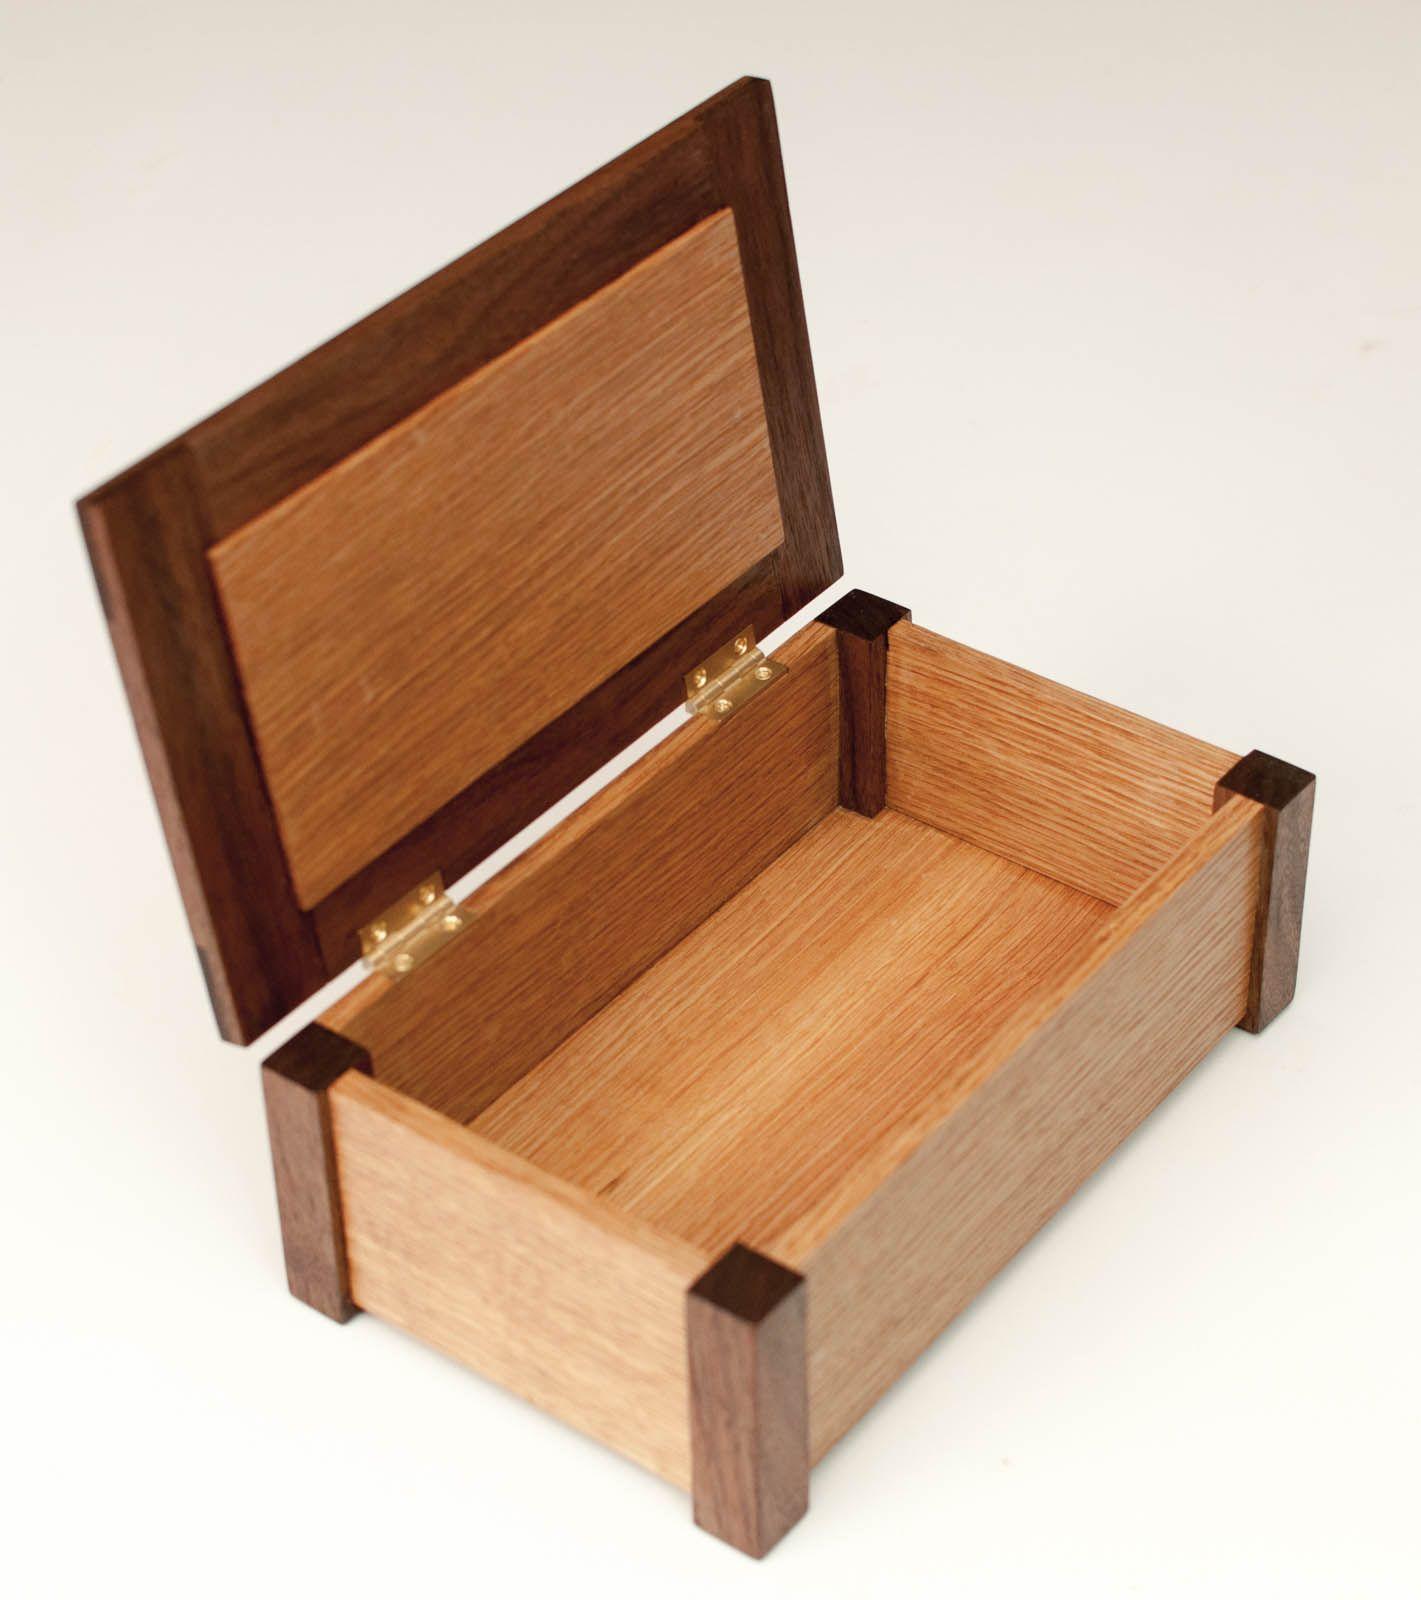 Oak Frame Project Gallery In 2019: Rift-sawn White Oak And Walnut Box In 2019